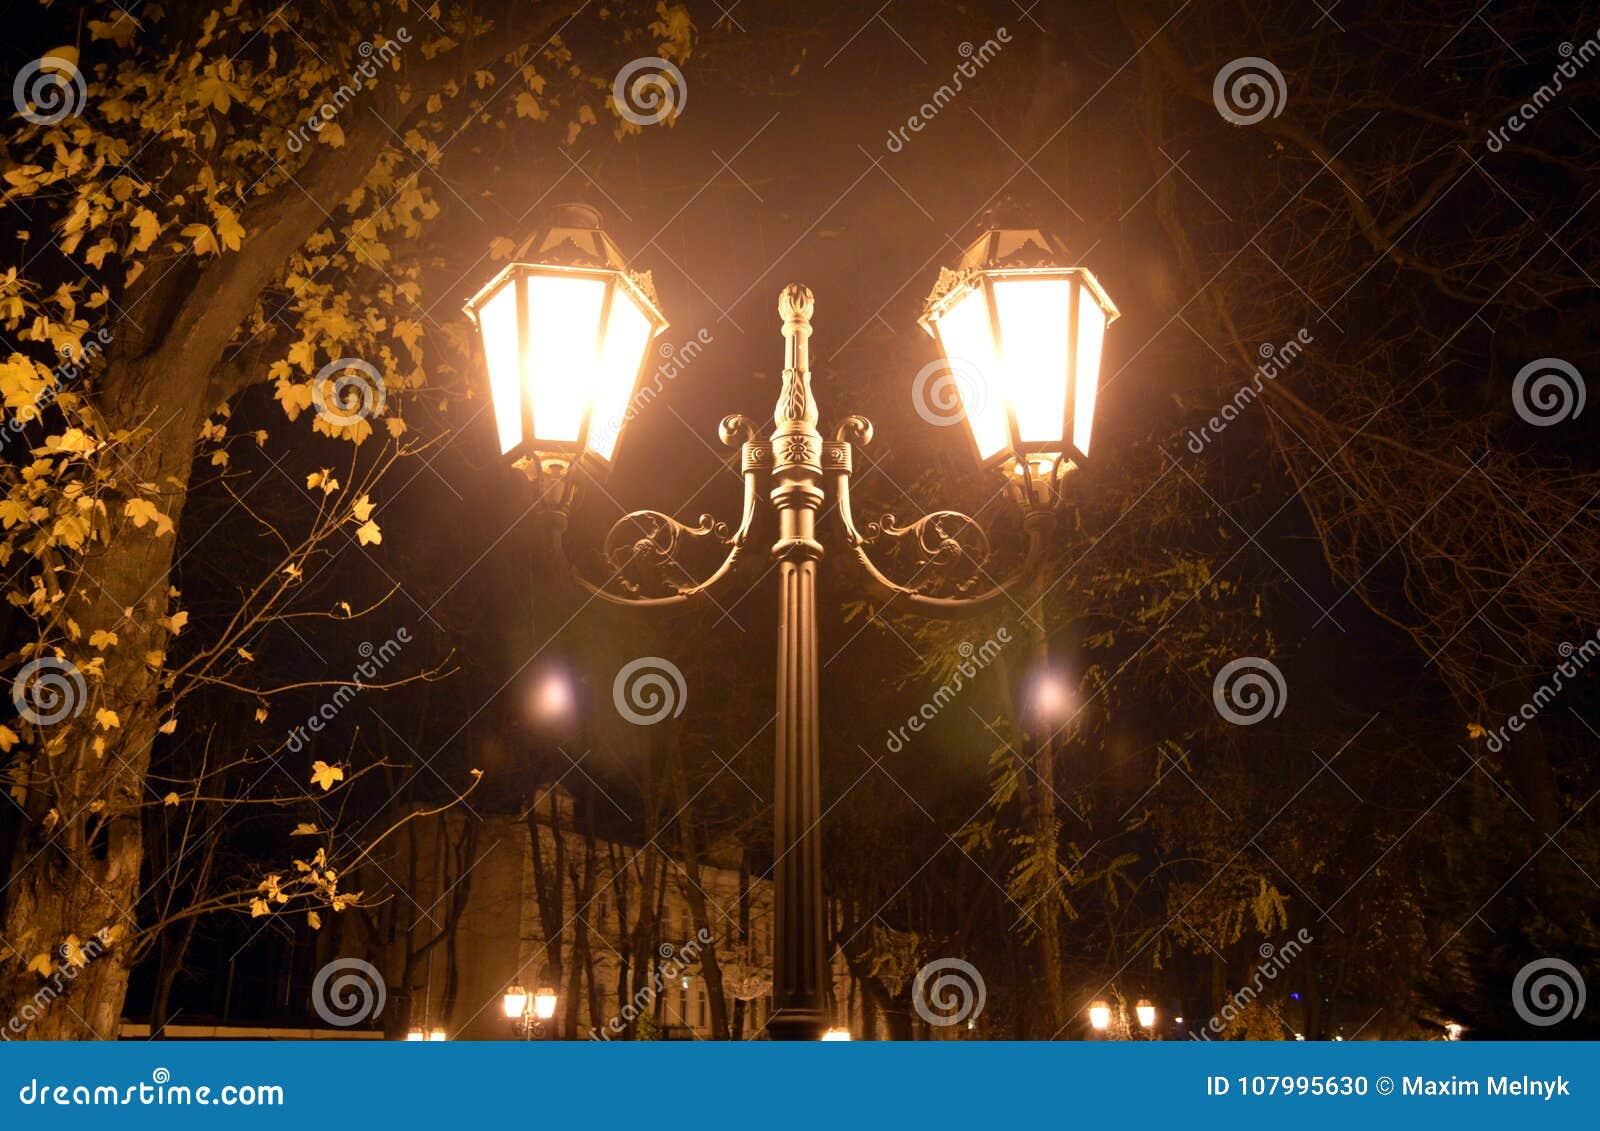 Lanterna Illuminazione : Illuminazione della lanterna di notte a odessa ucraina una lampada